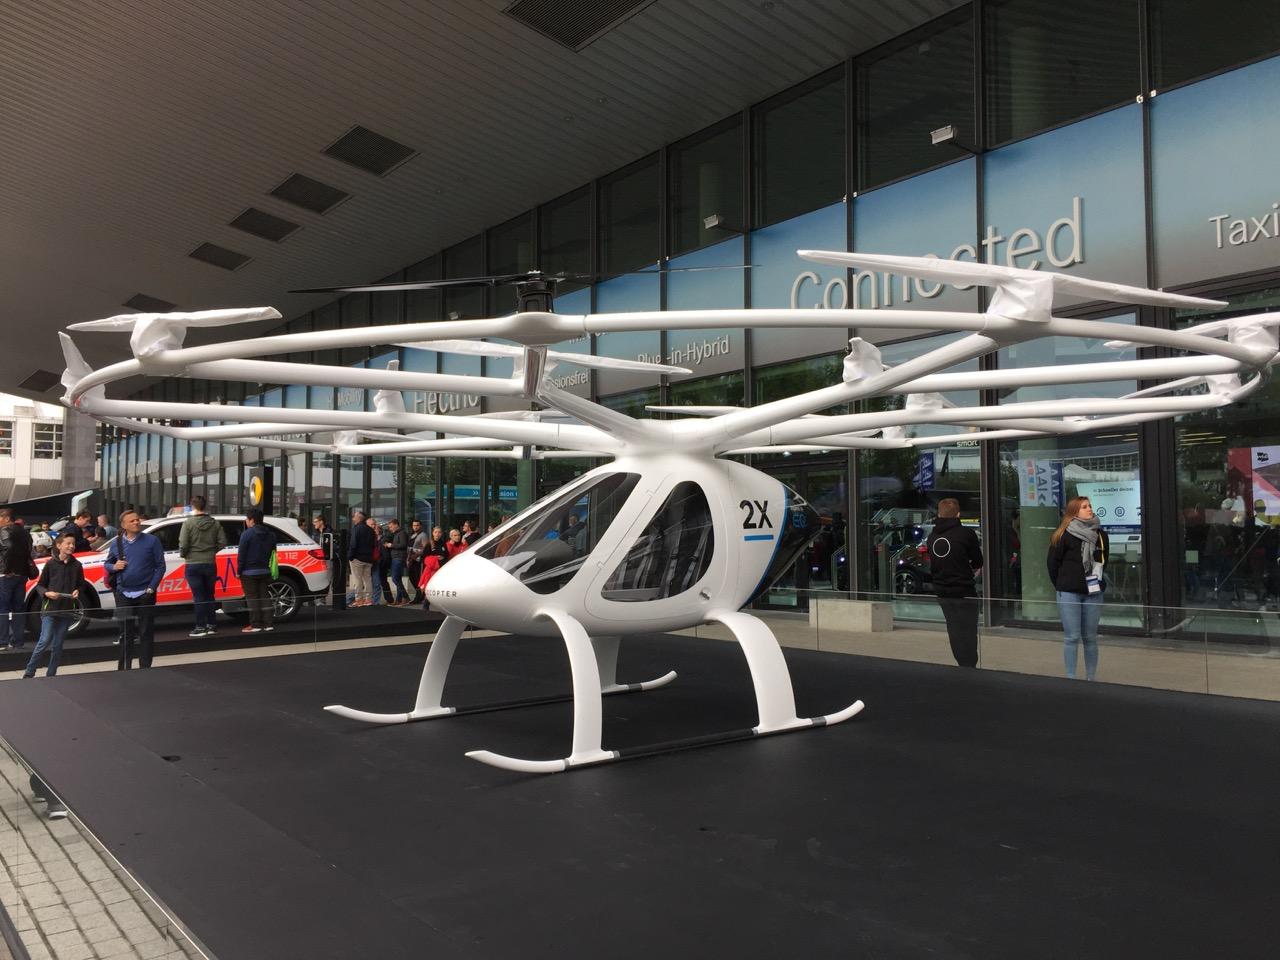 El-helikopter-menneske-drone-ting...